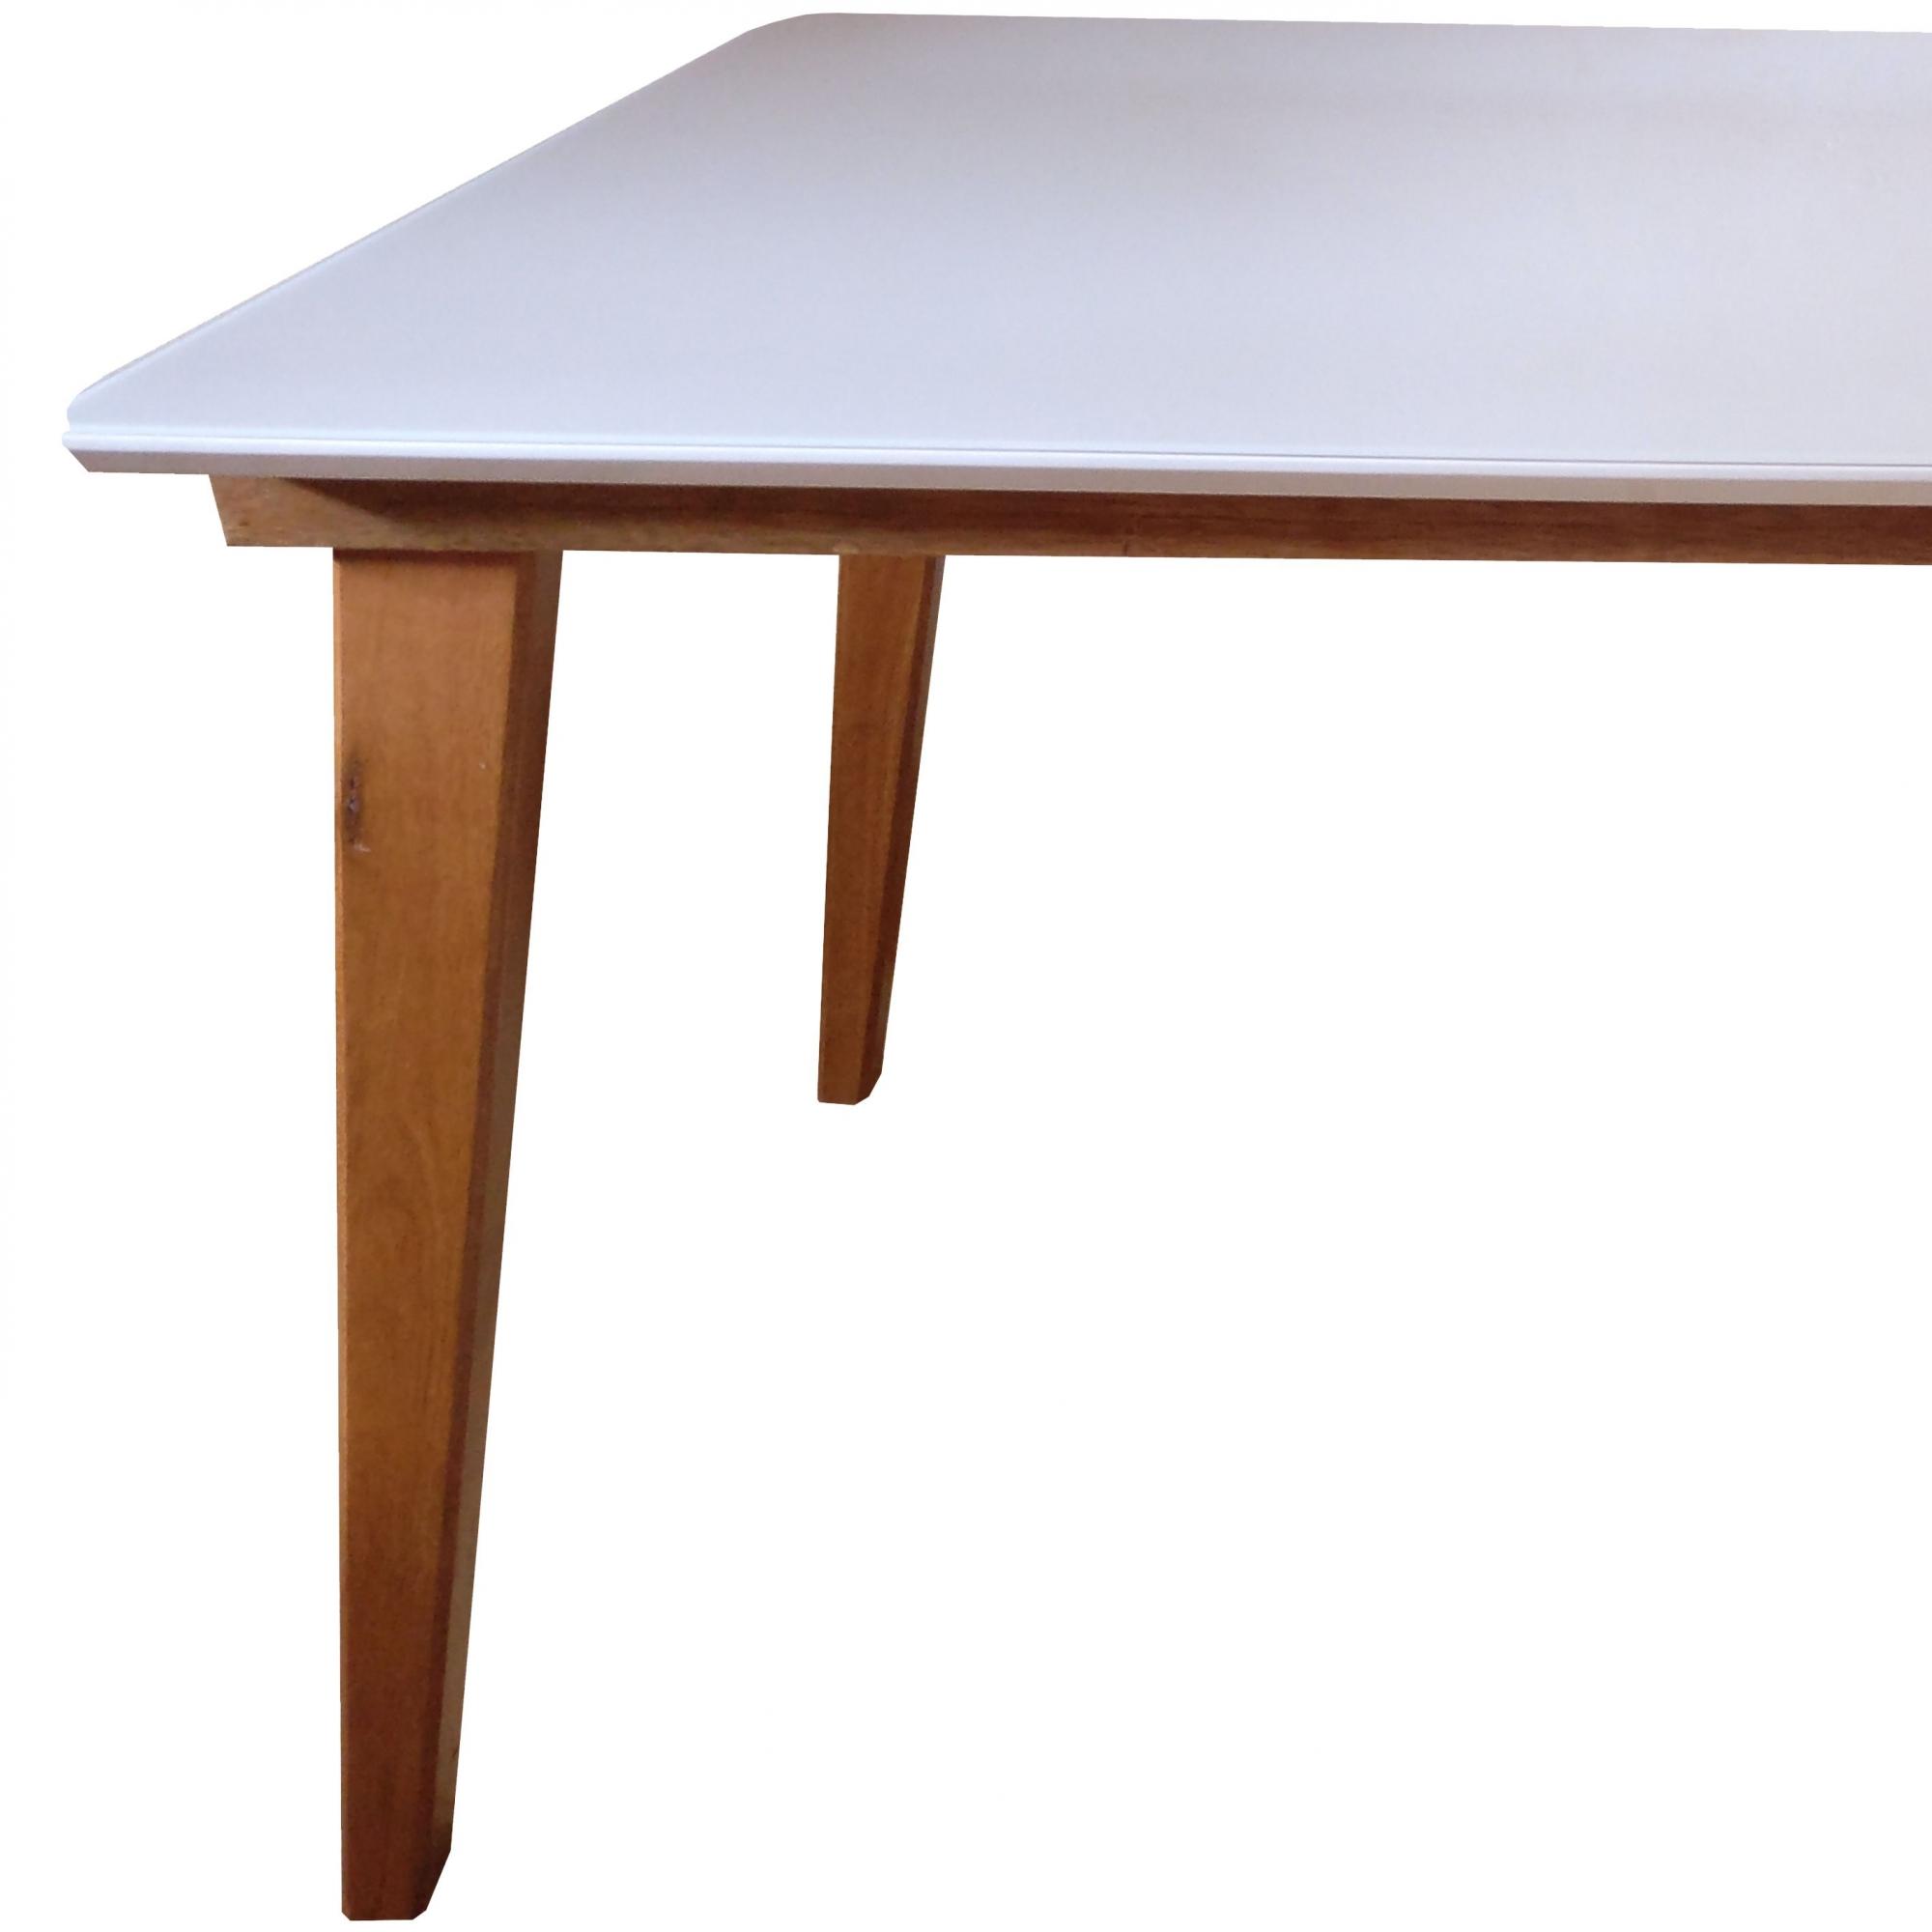 Tampo de Mesa para Sala Jantar Laqueado 1,4x0,9m Canto Copo